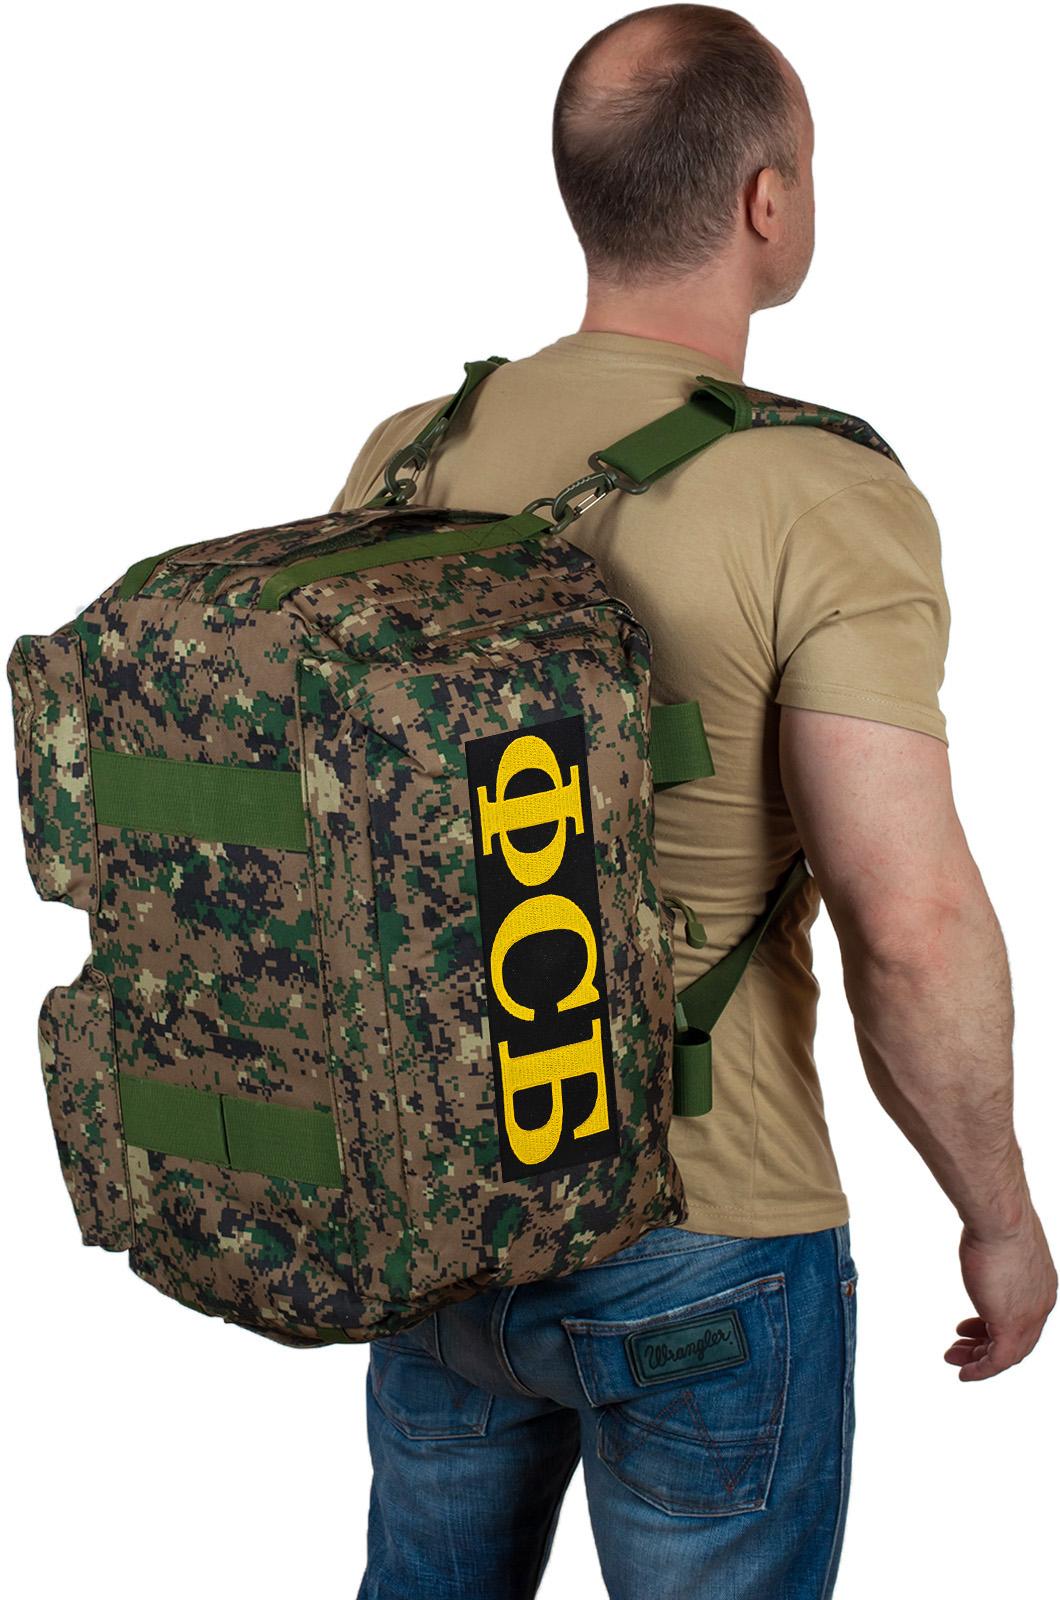 Купить армейскую дорожную сумку с нашивкой ФСБ по лучшей цене